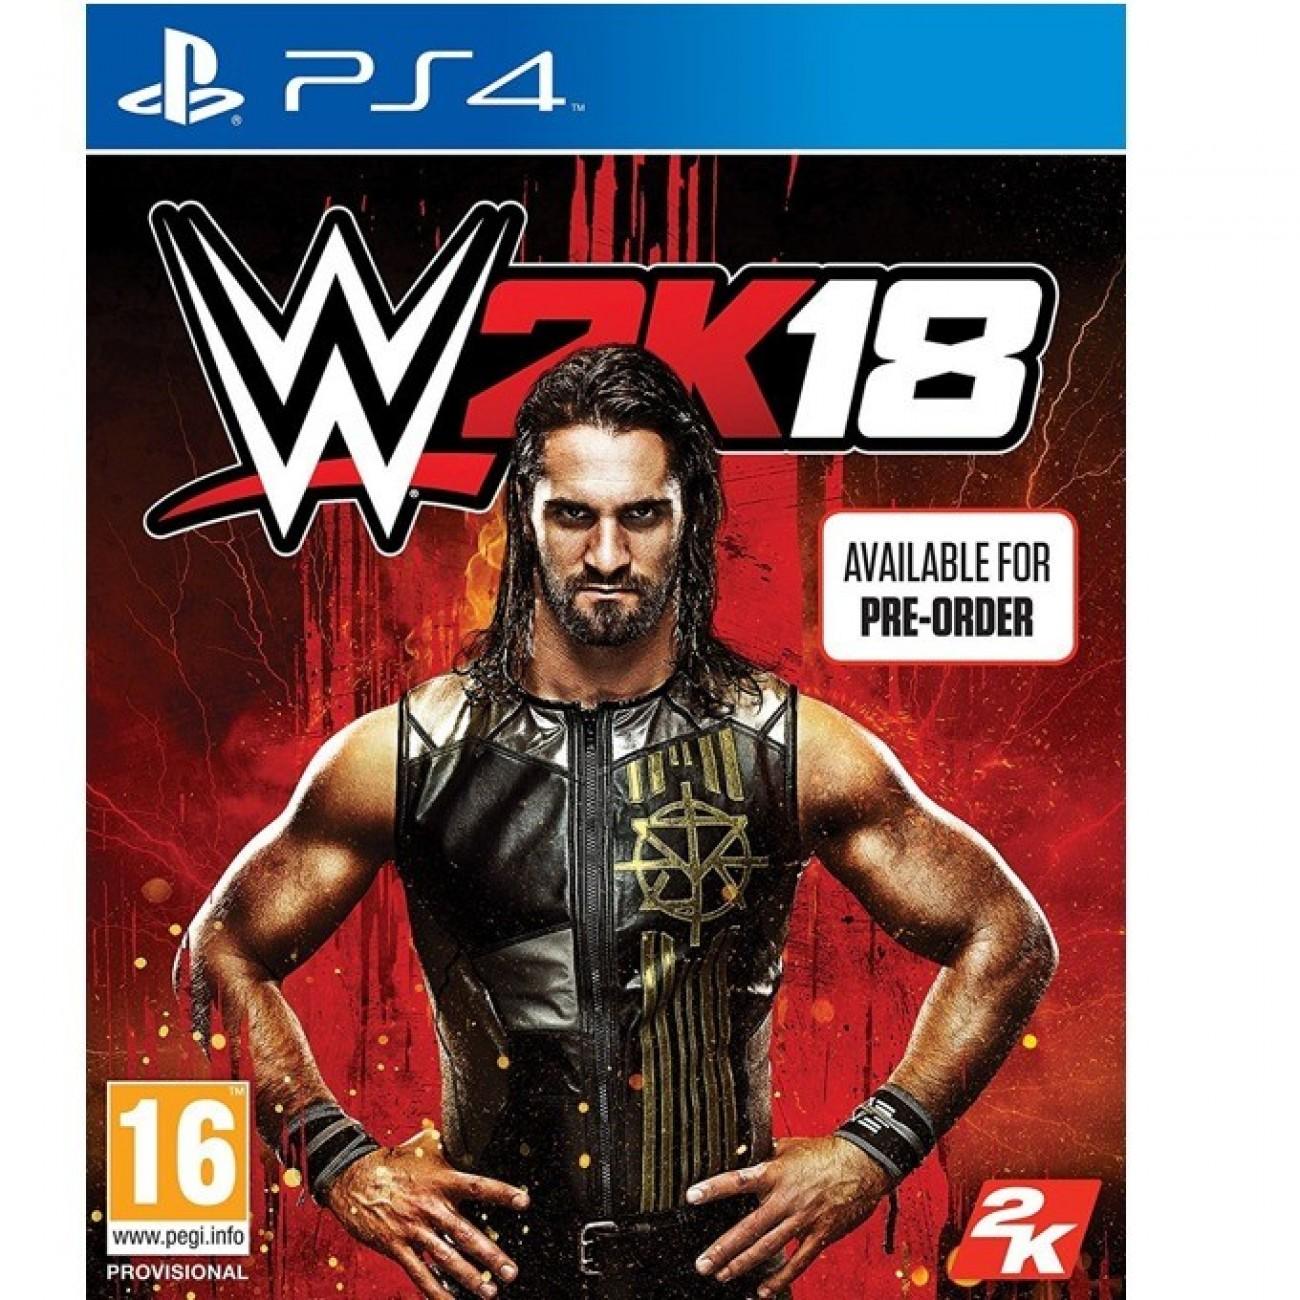 Игра за конзола WWE 2K18, за PS4 в Игри за Конзоли - 2K Games | Alleop